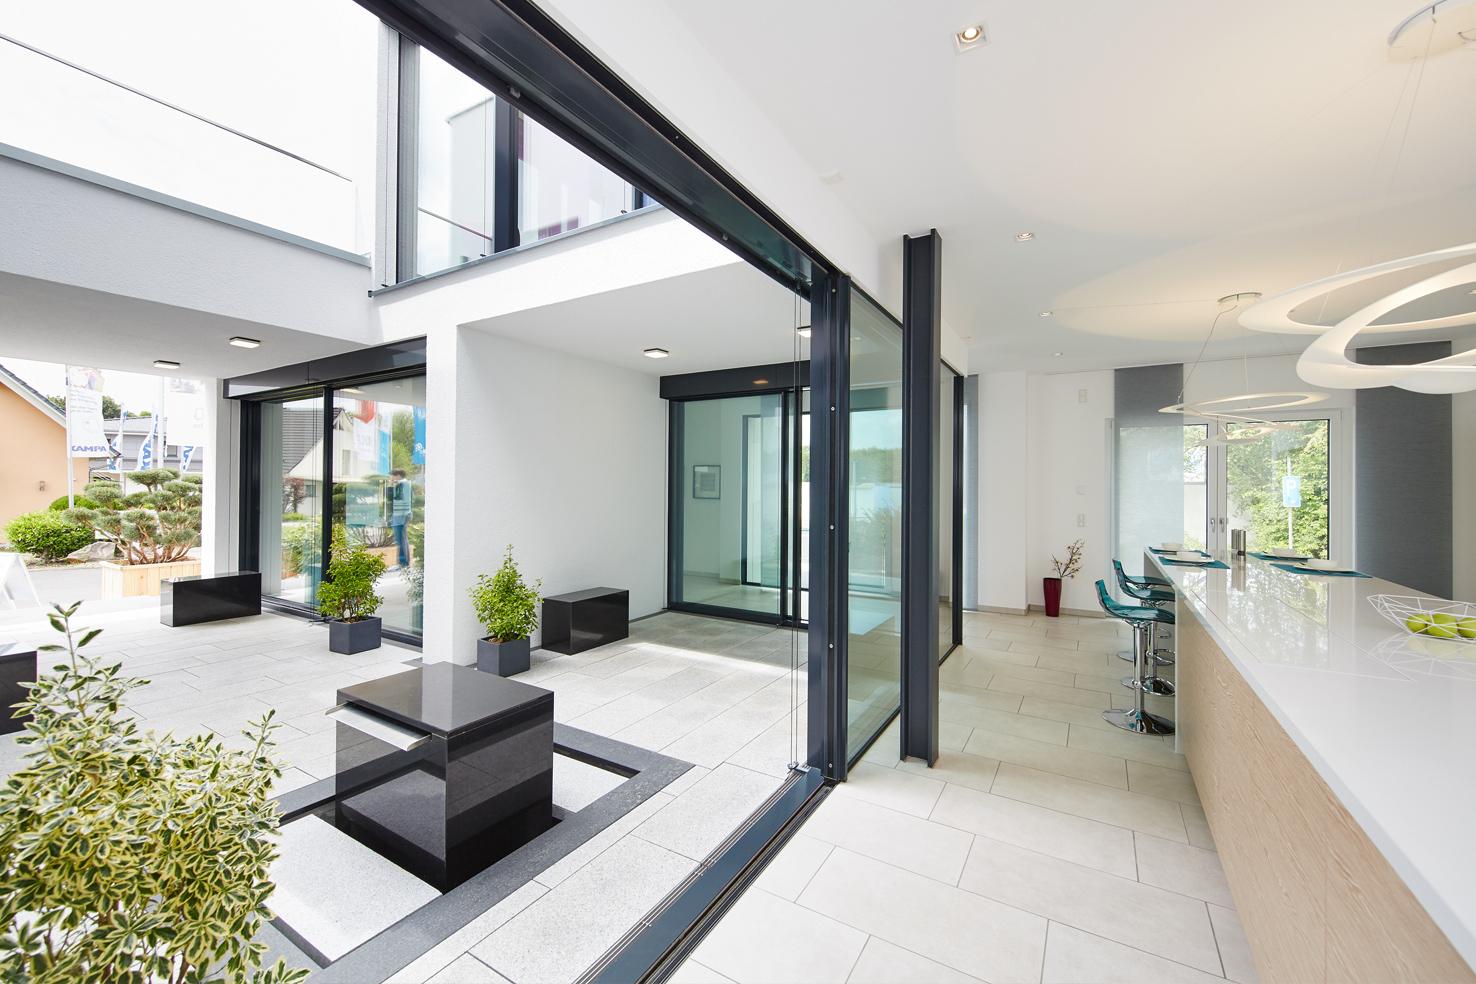 Musterhaus Bad Vilbel Adresse | Die schönsten Einrichtungsideen